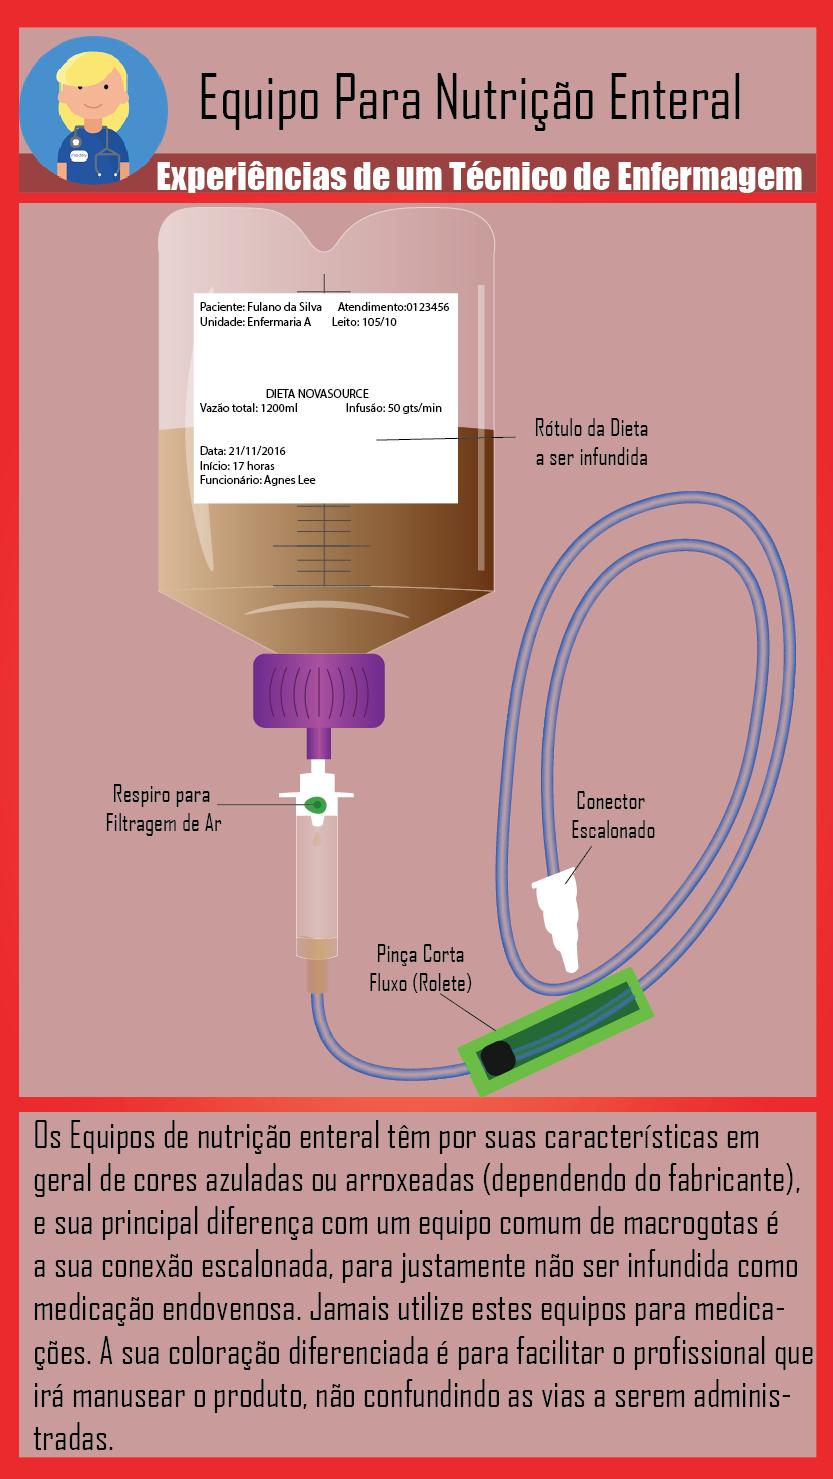 Equipo de Nutrição Enteral | ESTUDOS DE ENFERMAGEM 2♡ | Pinterest ...